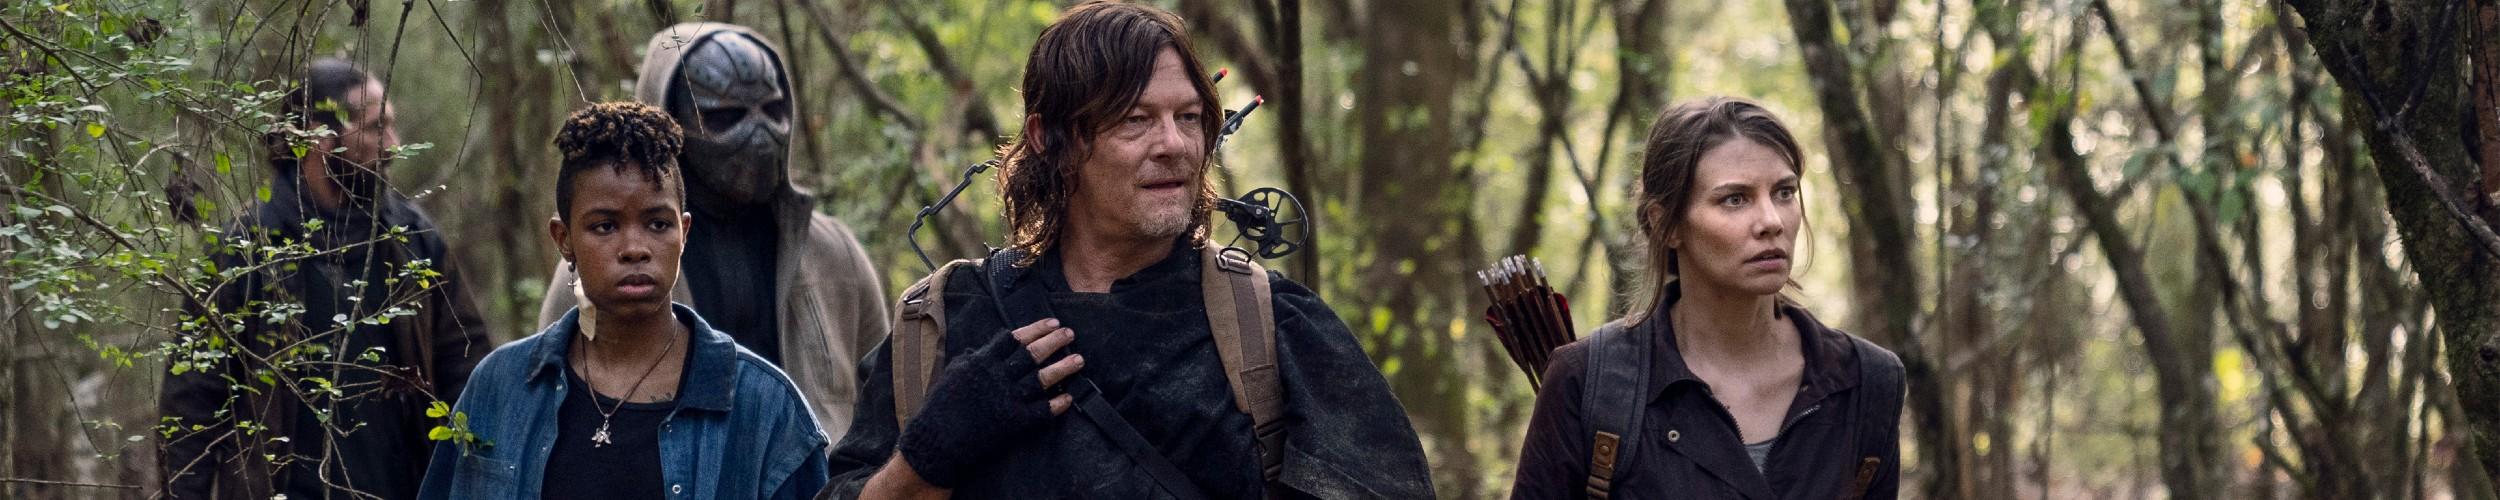 The Walking Dead Season 10 Episode 17 Hero Banner